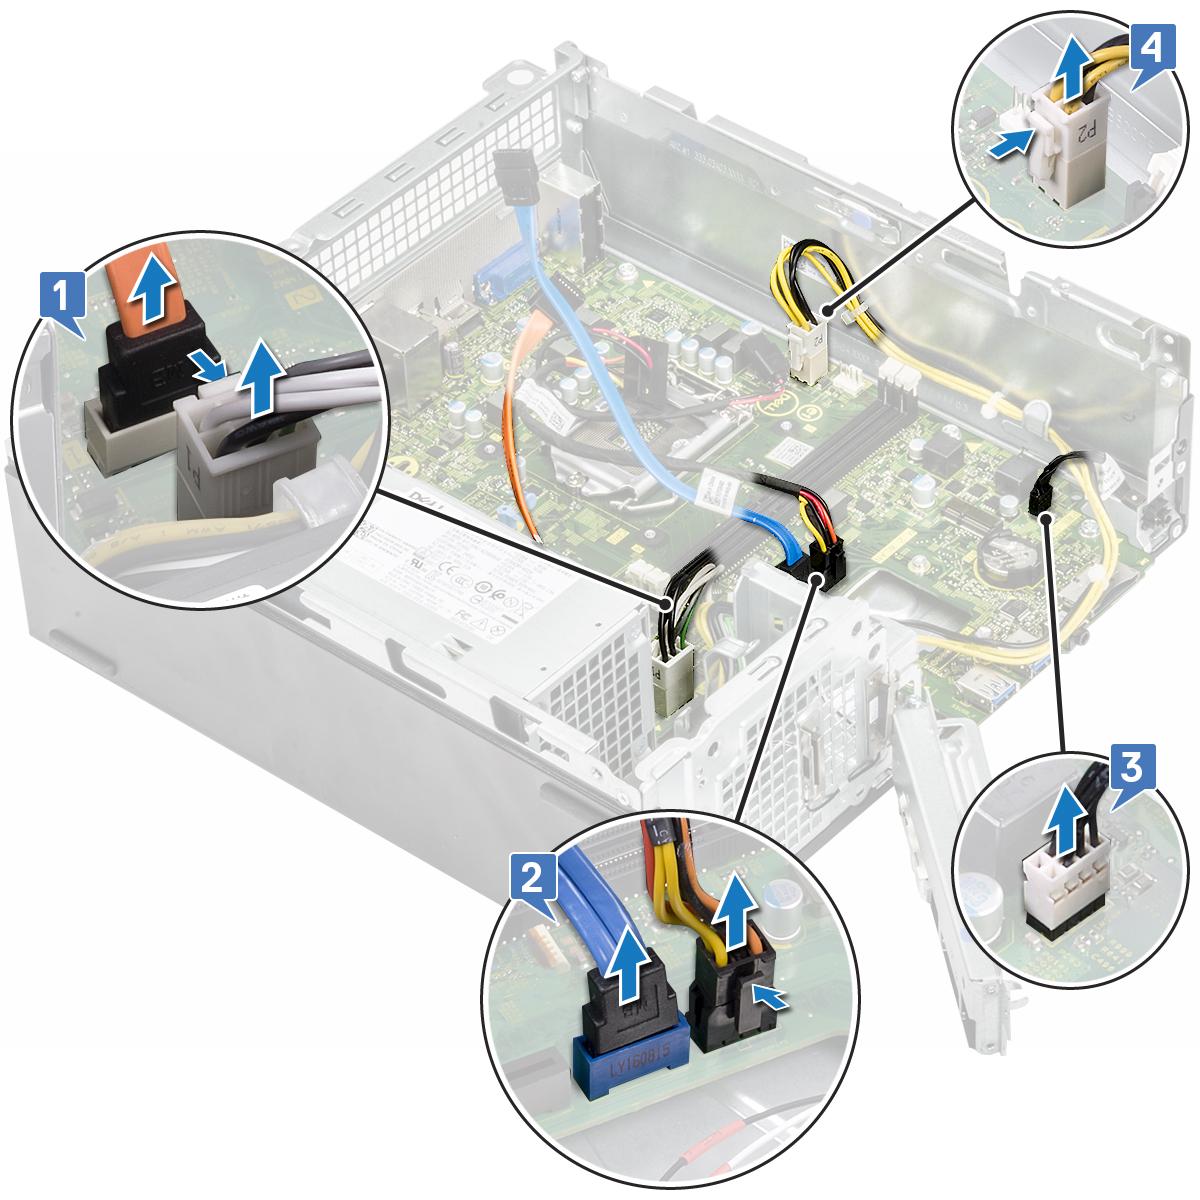 Slika prikazuje uklanjanje kabela iz priključaka na matičnoj ploči